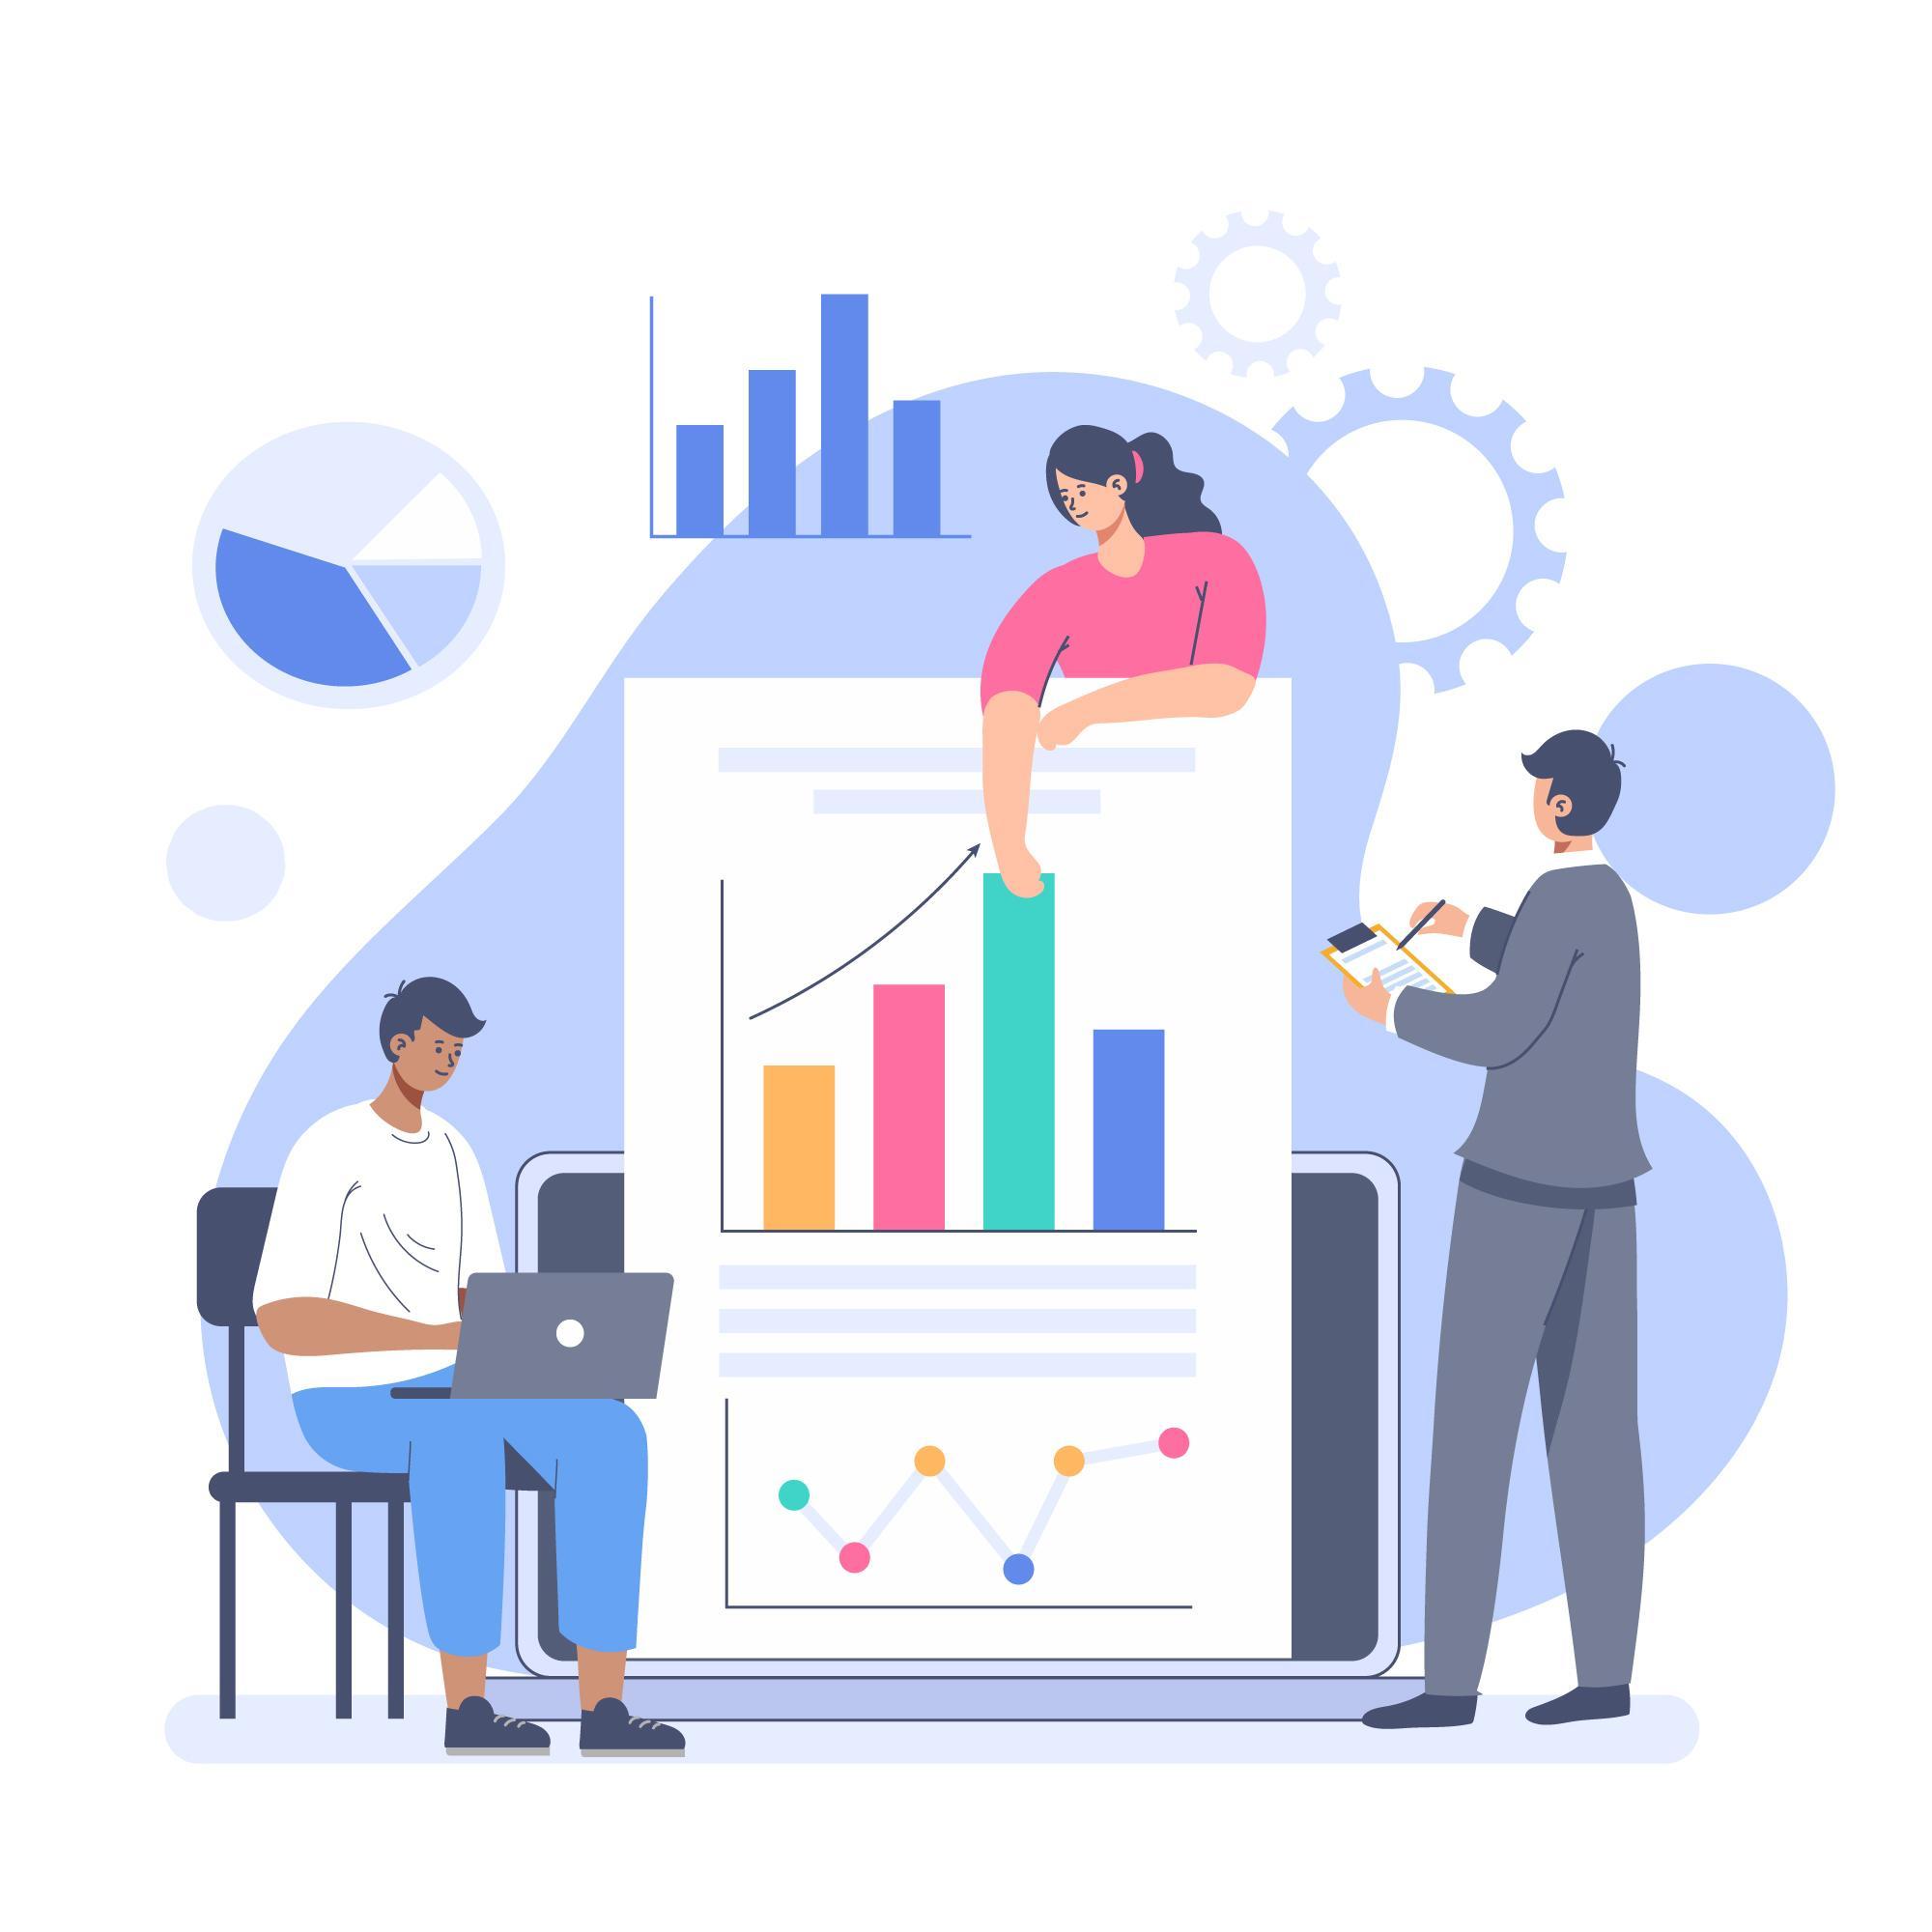 Điểm hòa vốn kinh doanh và những điều chủ doanh nghiệp cần biết